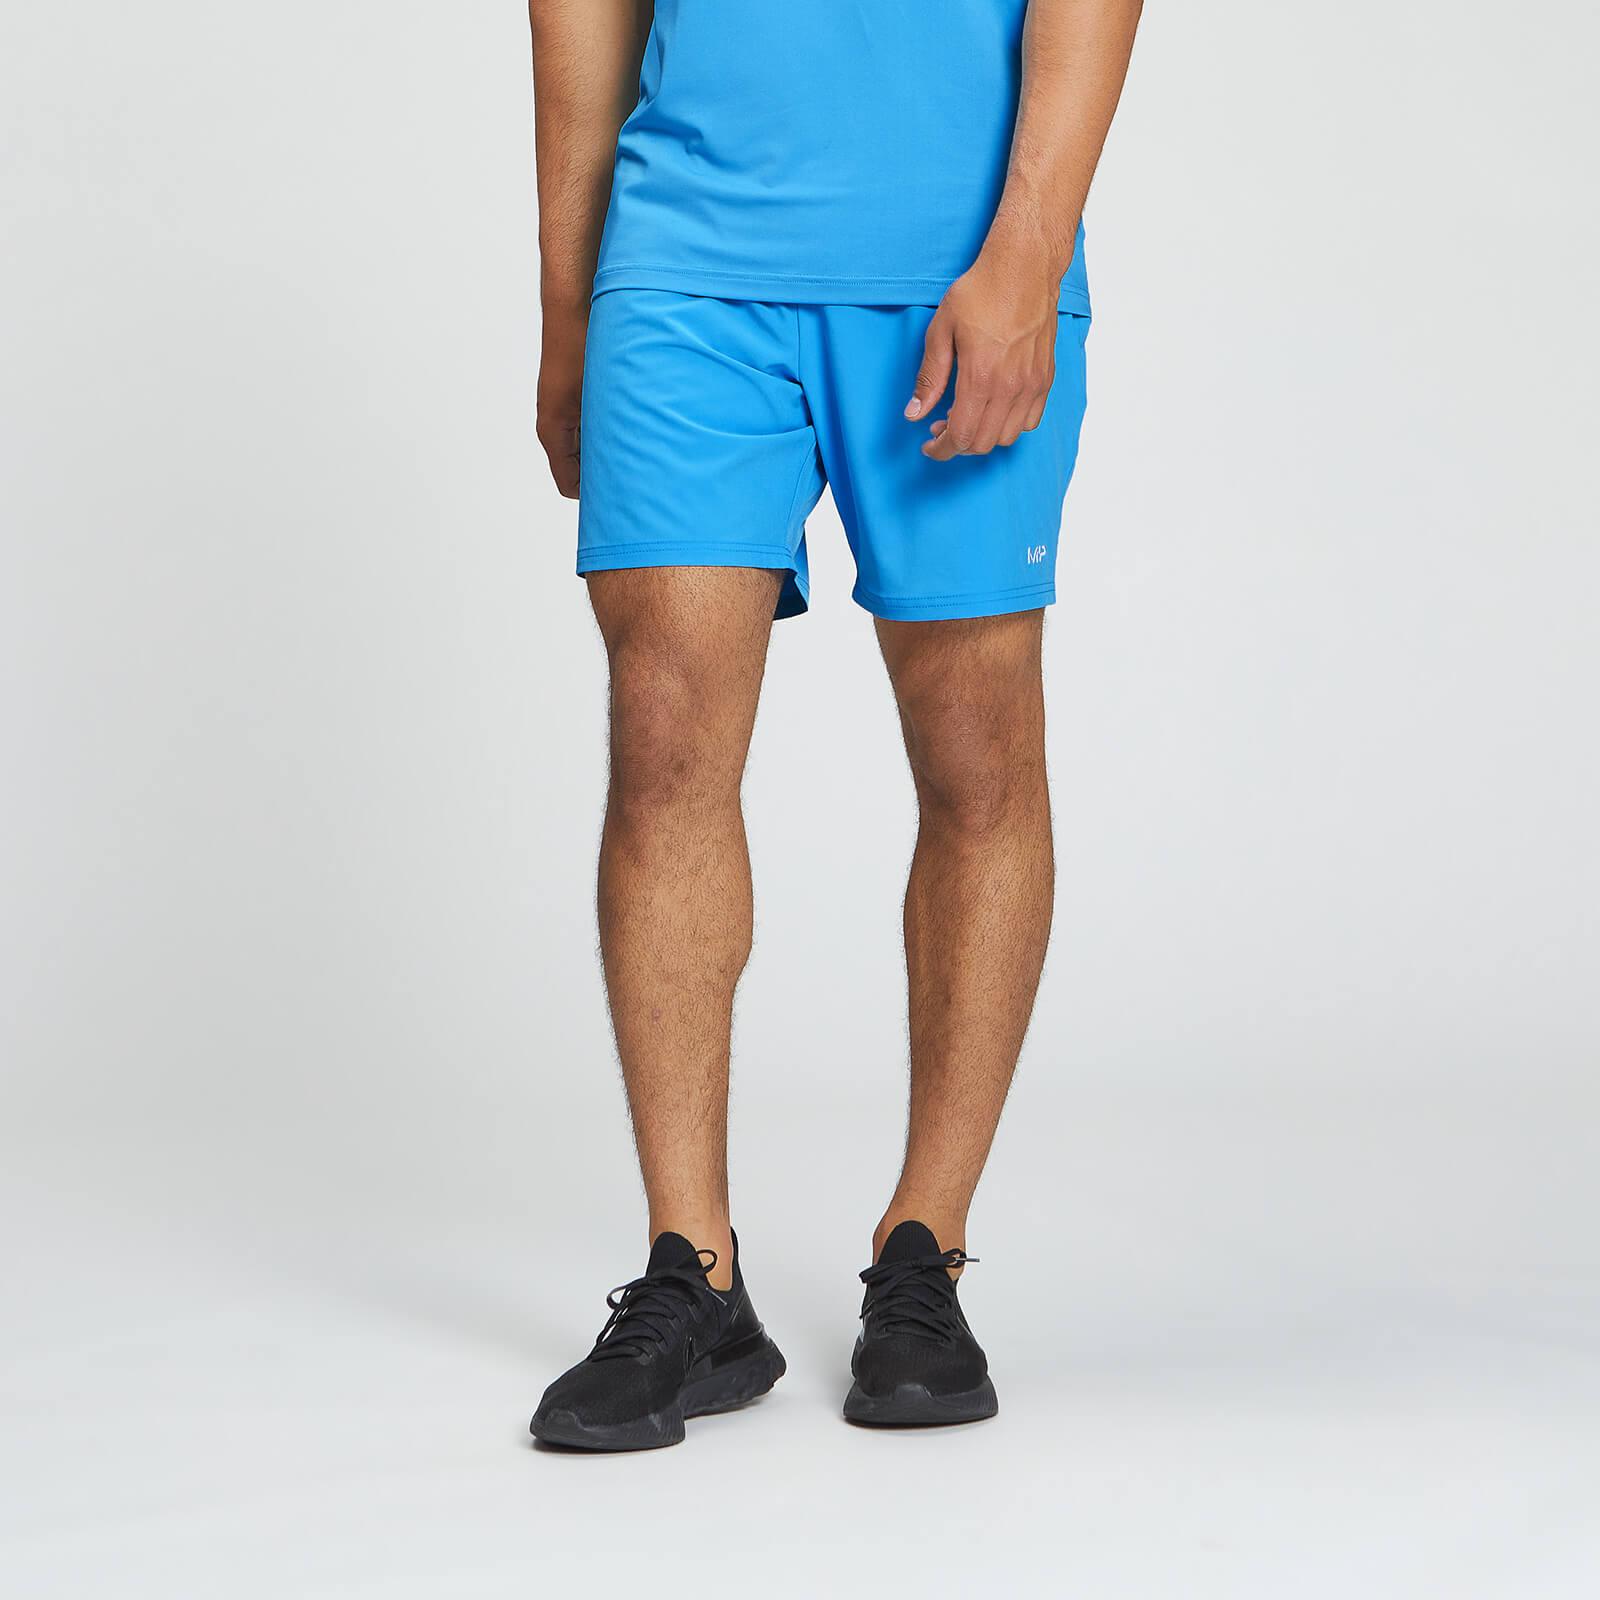 Мужские спортивные шорты MP Essentials - M, Myprotein International  - купить со скидкой